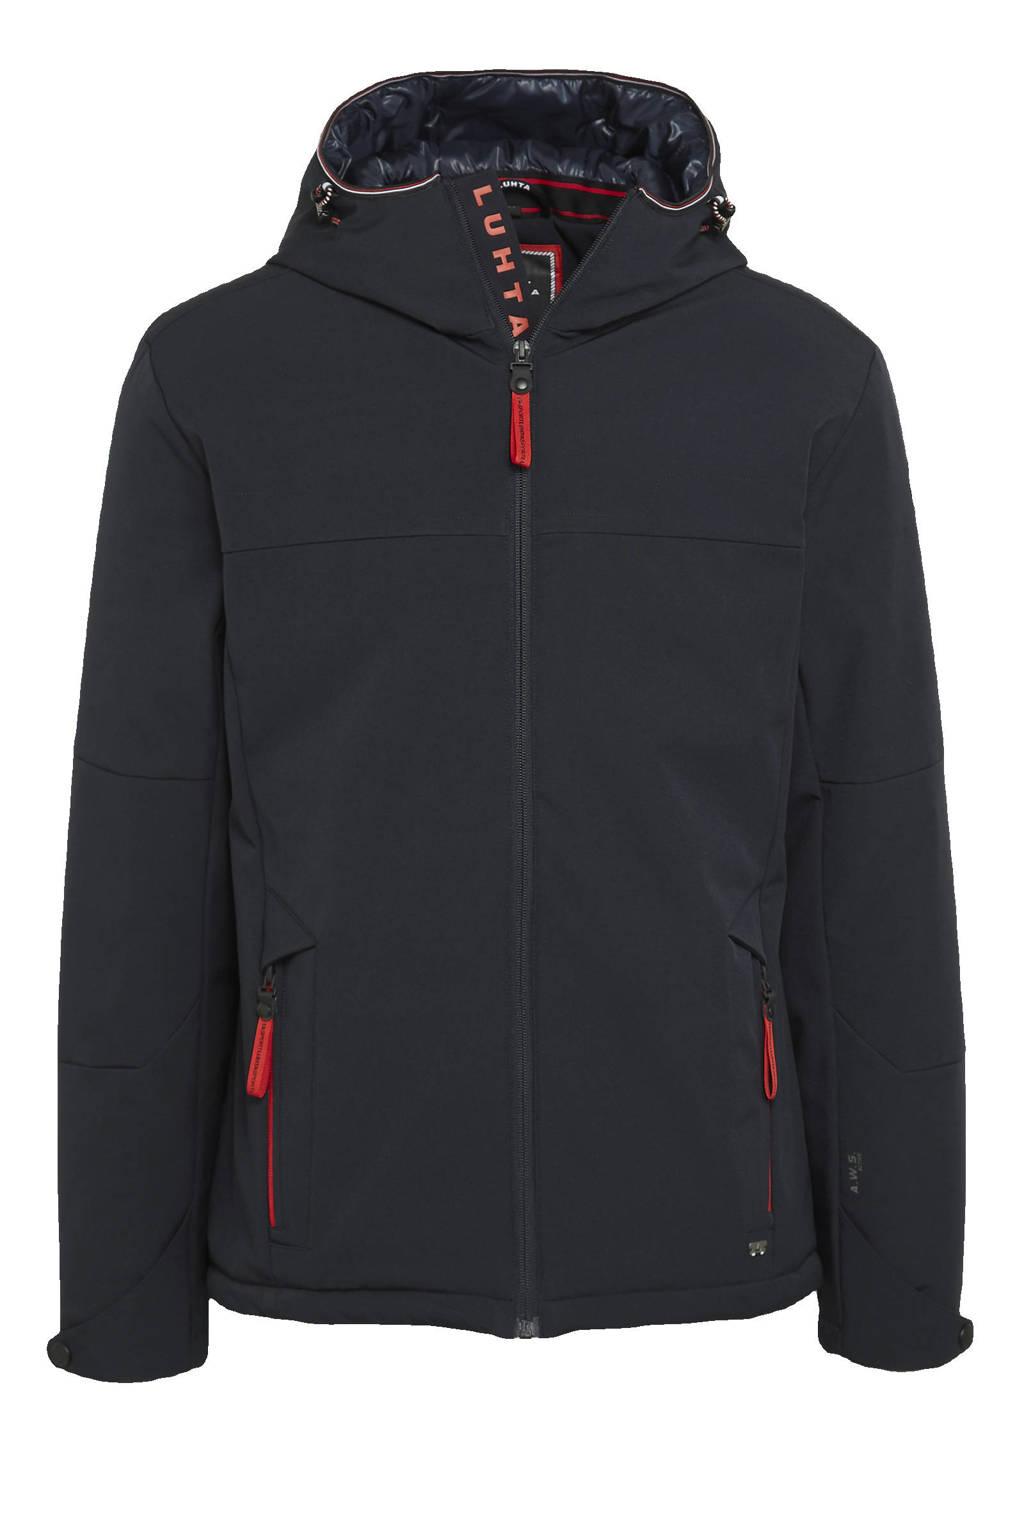 Luhta outdoor jas Jokipohja donkerblauw, Donkerblauw